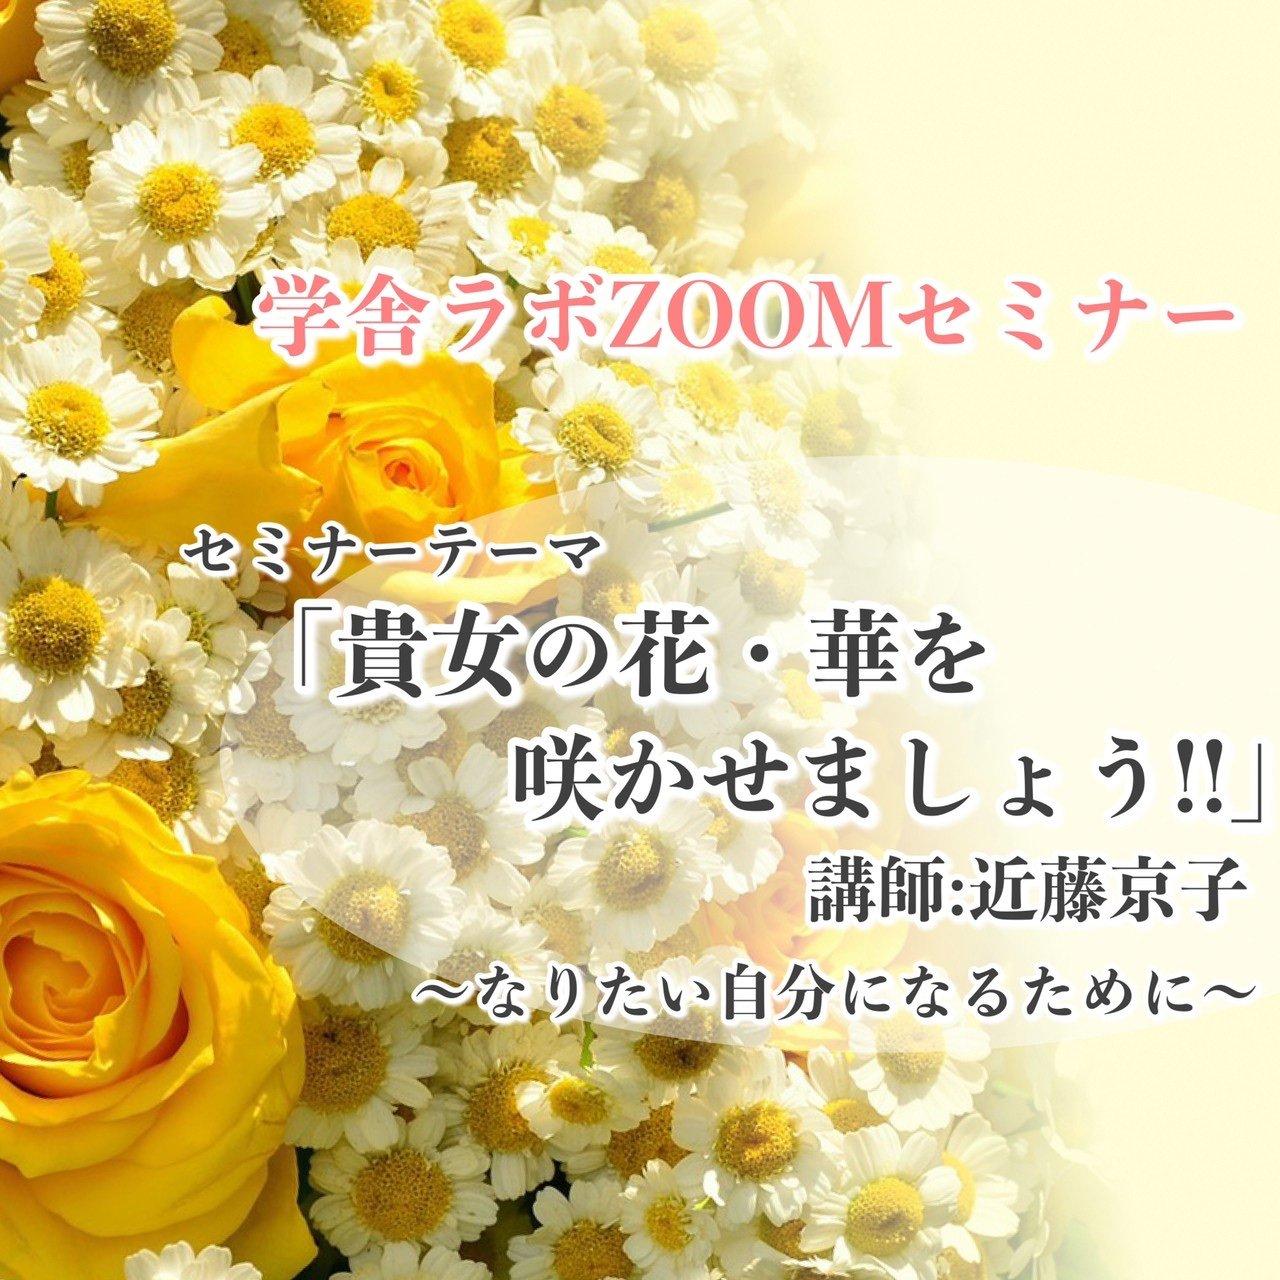 7/13(火)13:30~15:00/ショップ開店記念ワンコインZOOMセミナー高ポイントプレゼント!!「貴女の花・華を咲かせましょう!!」講師:アクツ&近藤のイメージその1